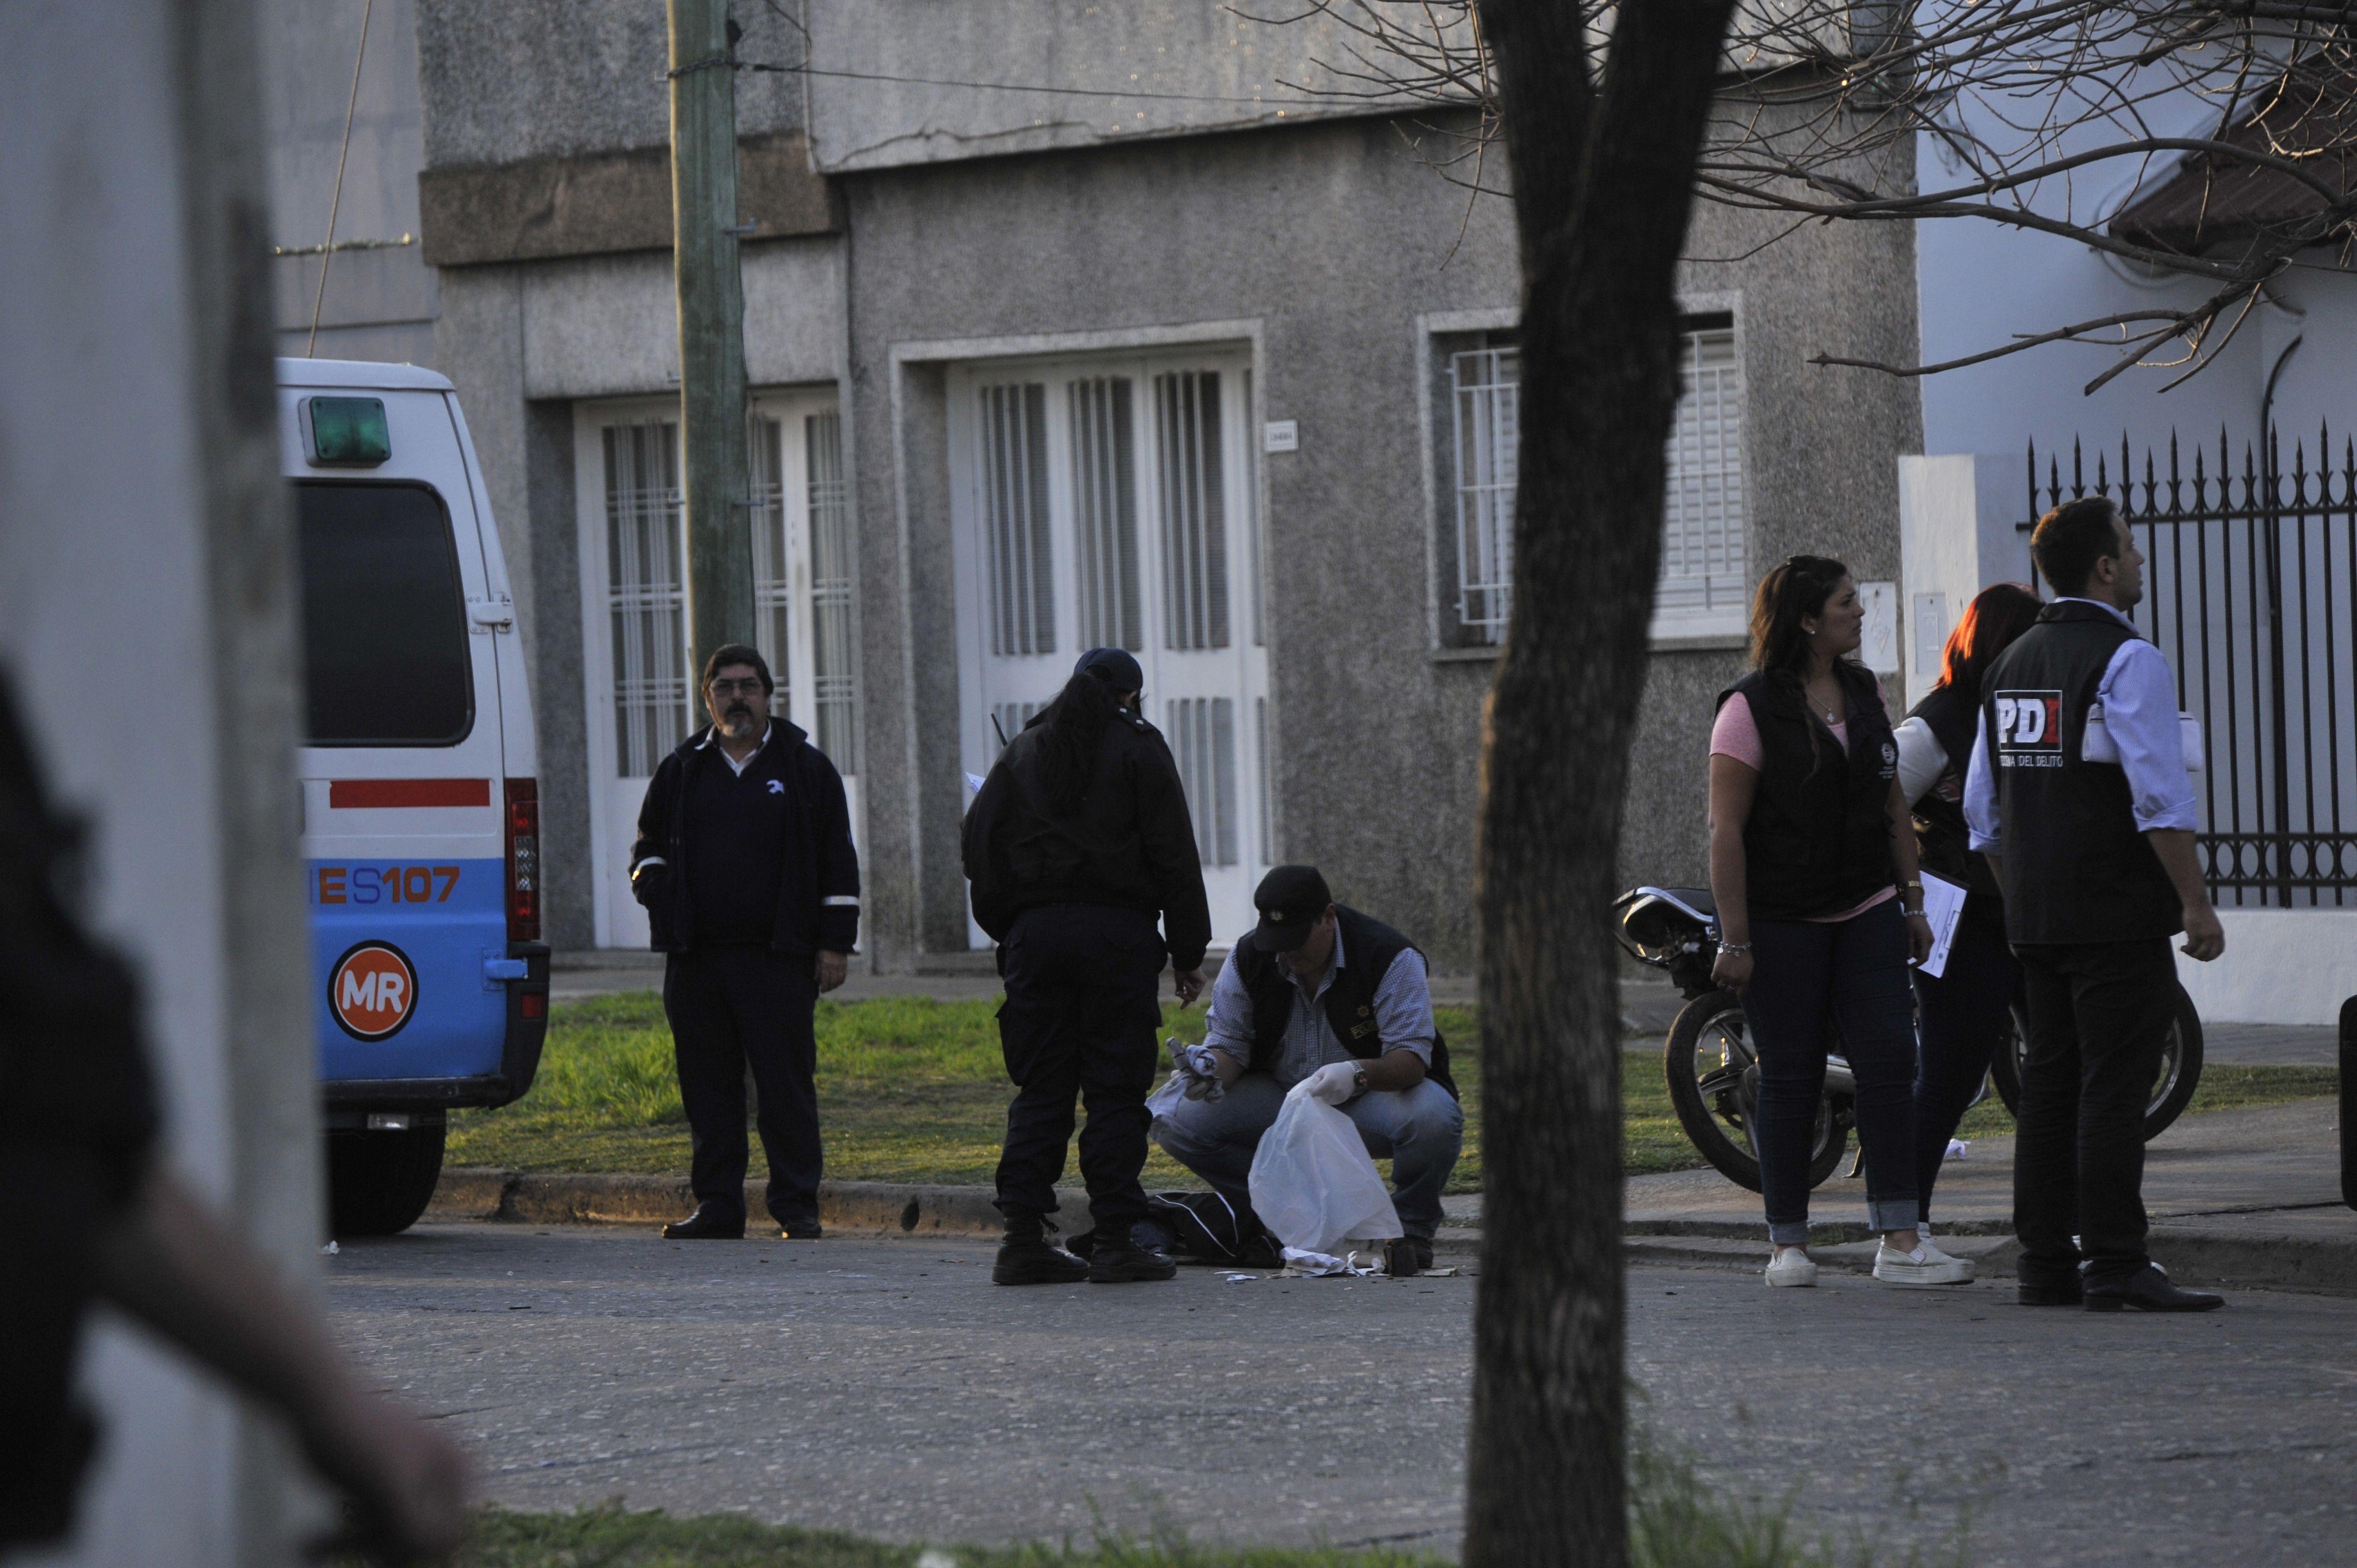 En la calle. El cuerpo del delincuente abatido quedó sobre el pavimento